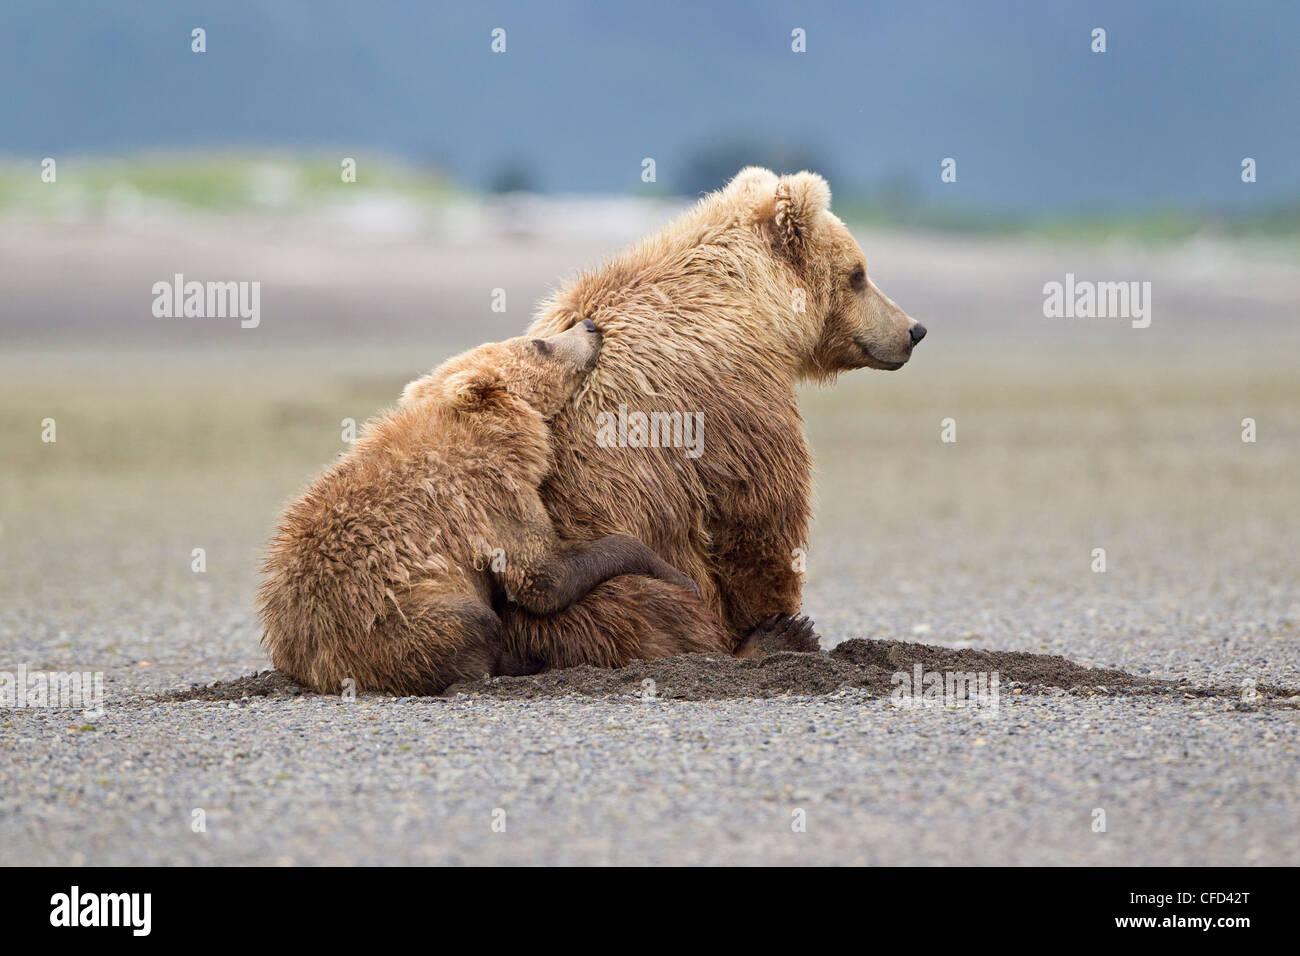 Grizzly bear/Alaskbrown bear Ursus arctos - Stock Image